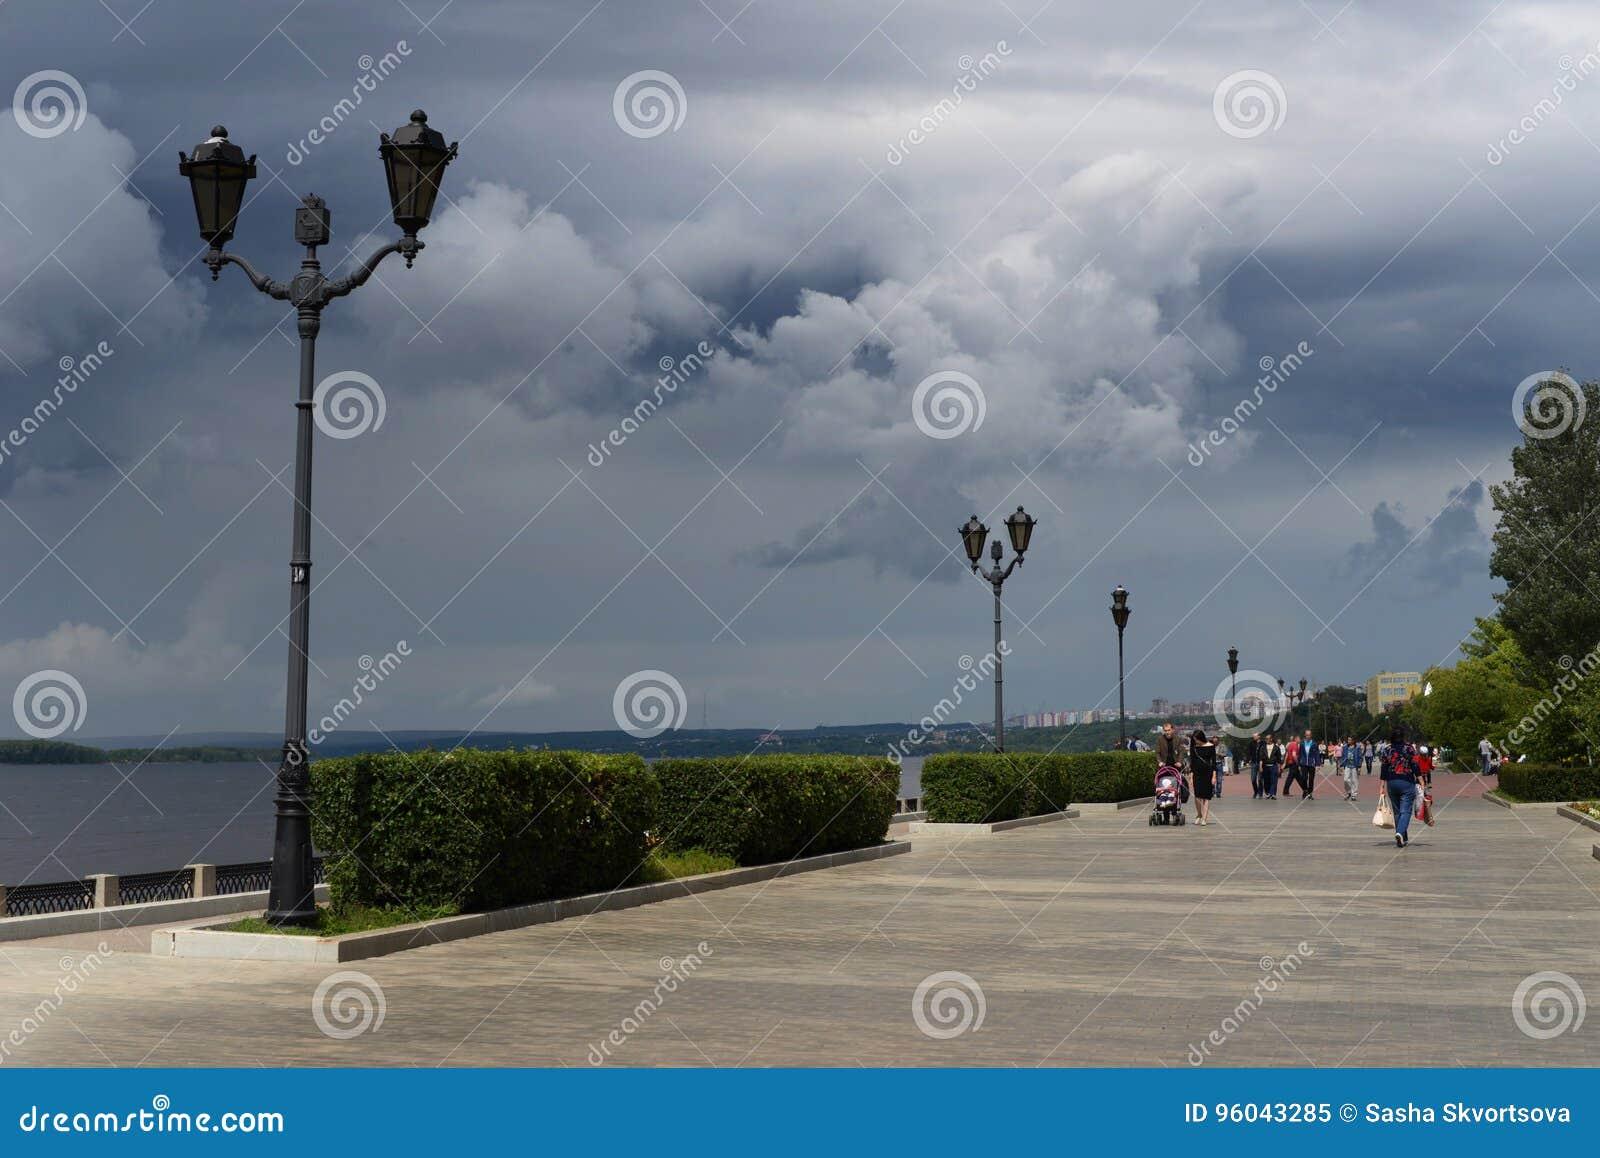 Le remblai de la ville du Samara russe, où la coupe du monde sera tenue